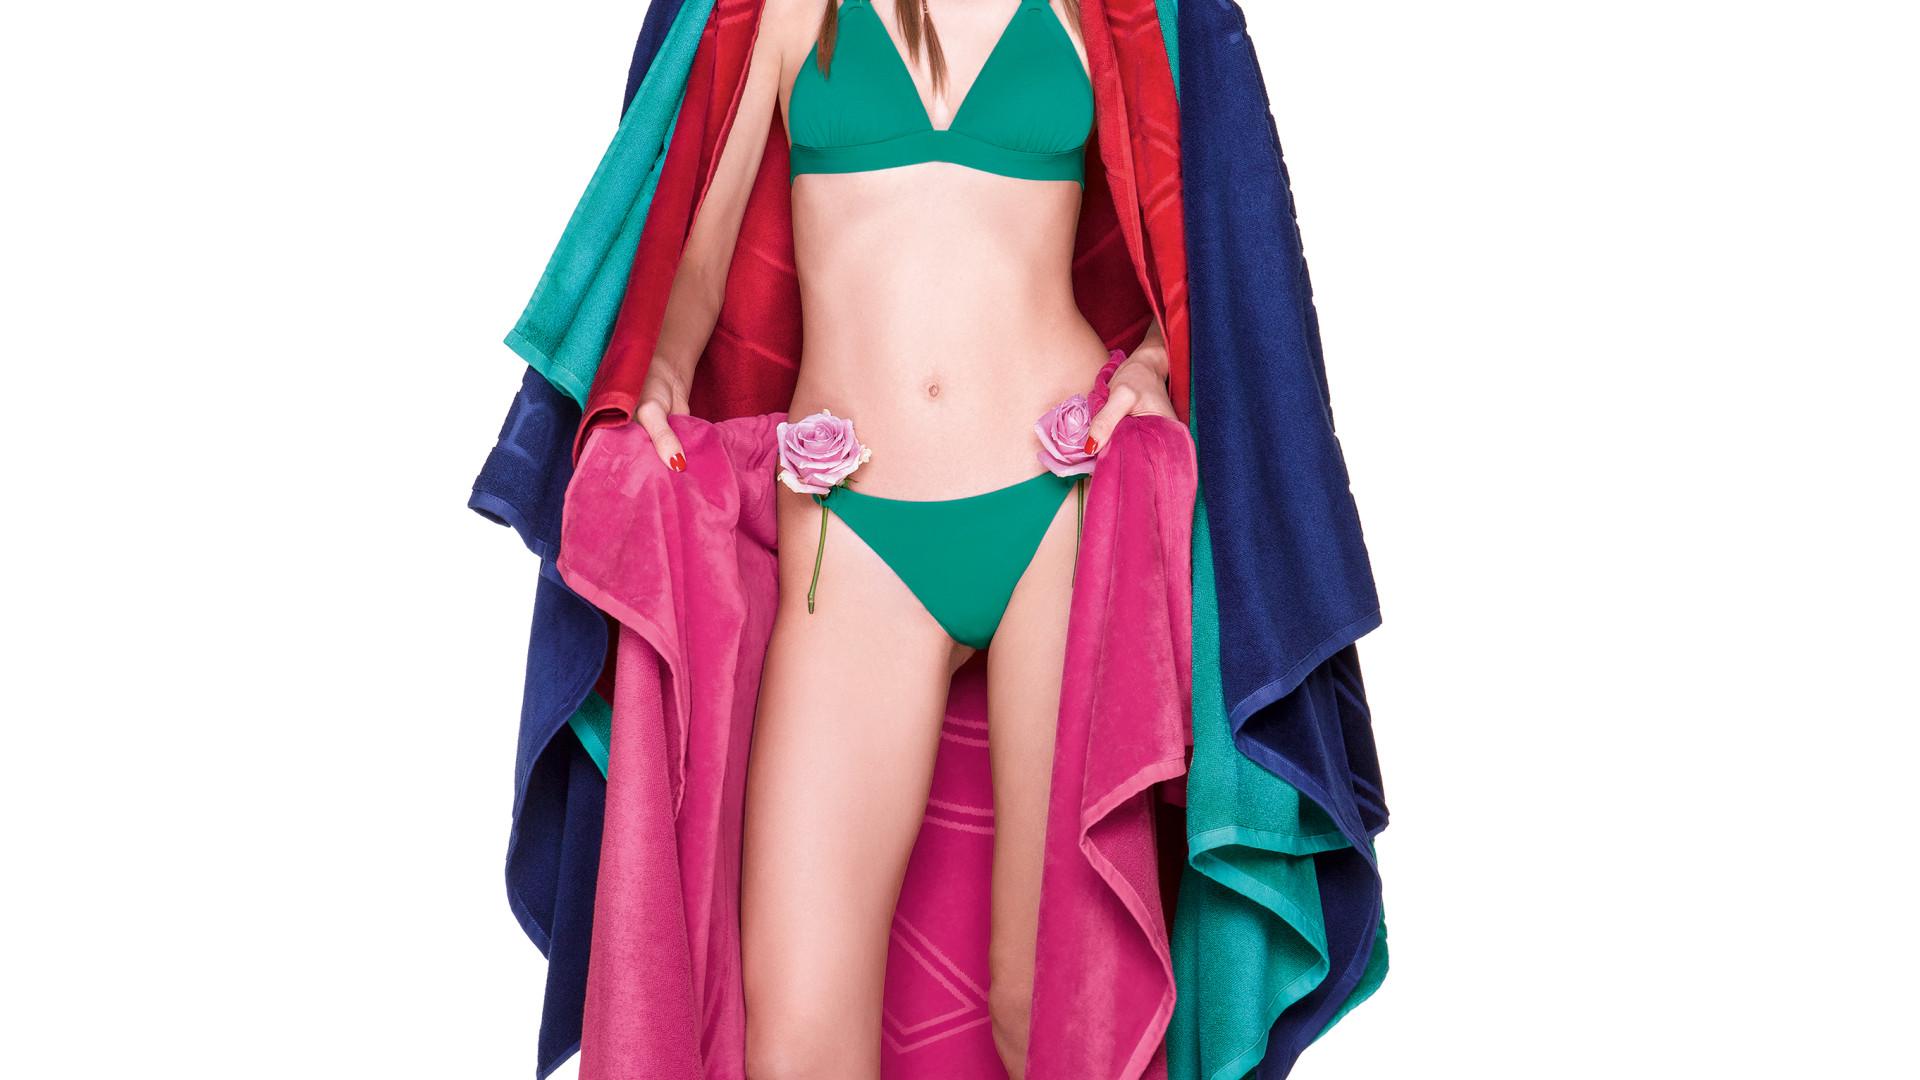 161dc4d705f Benetton lança fatos de banho feitos a partir de fibras orgânicas